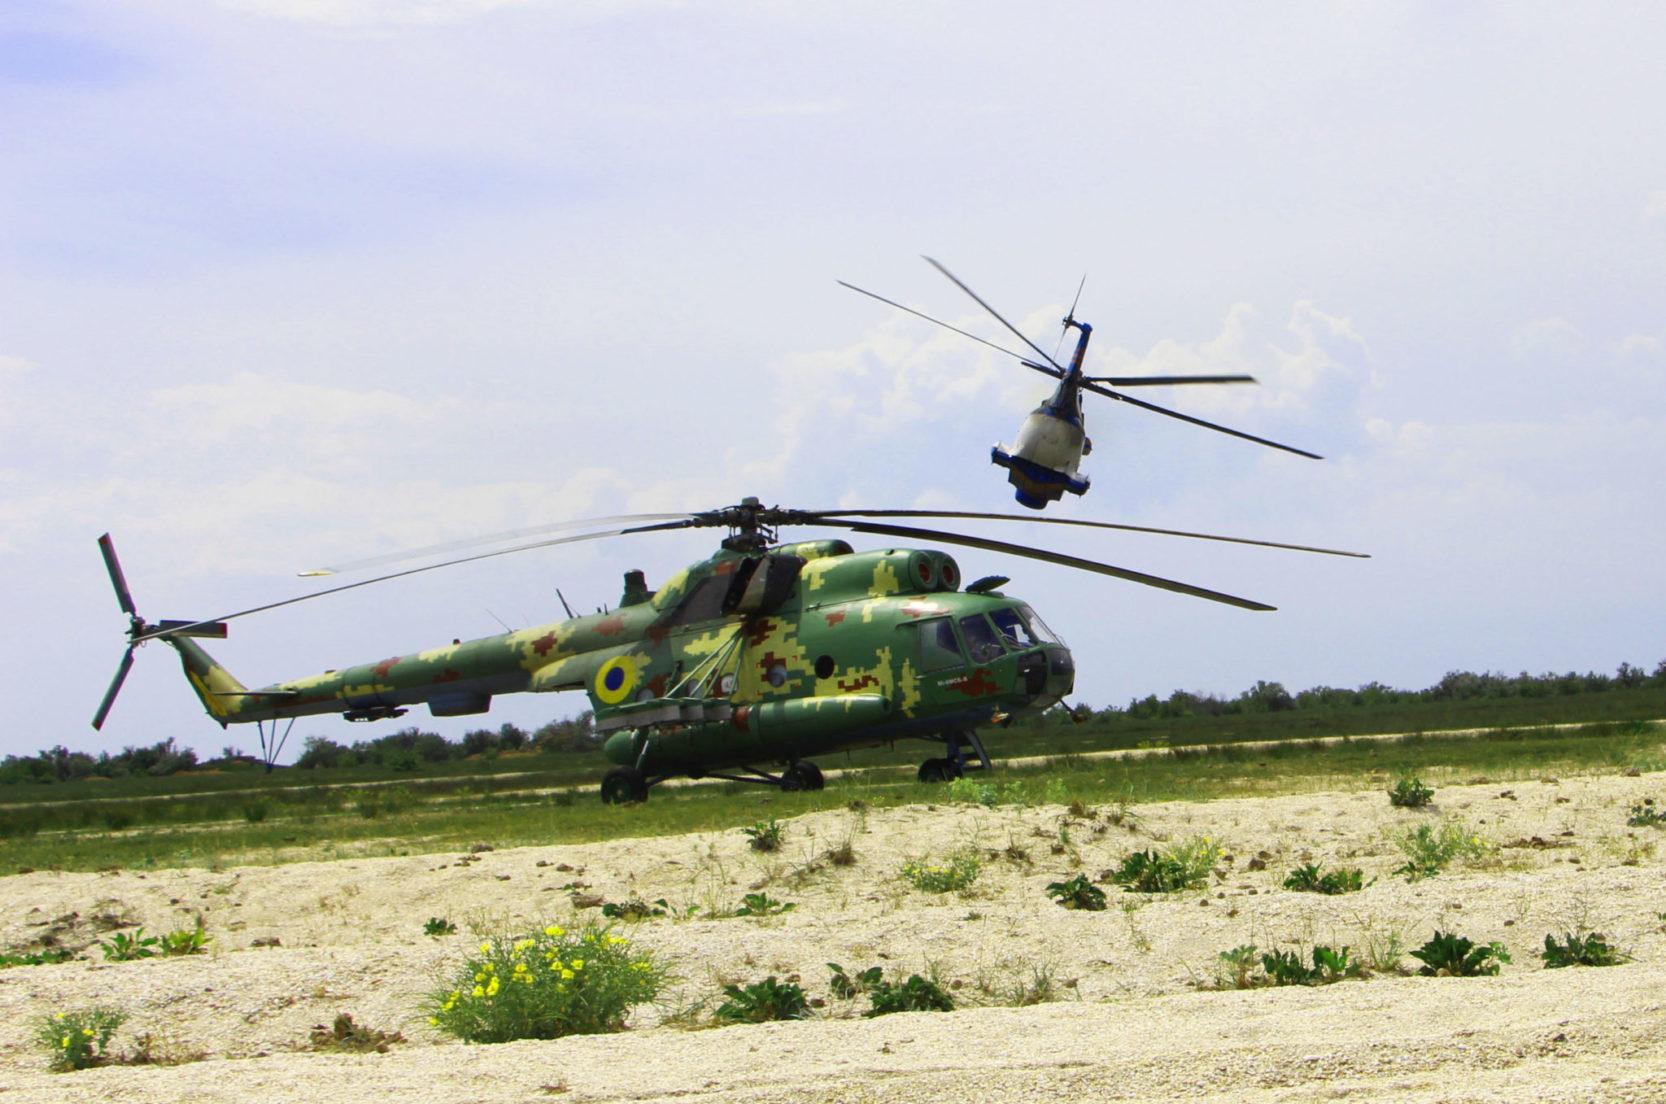 ВСУ провели крупные учения морской авиации: десант работал на вертолетах Ми-14, Ми-8 и самолете Ан-26